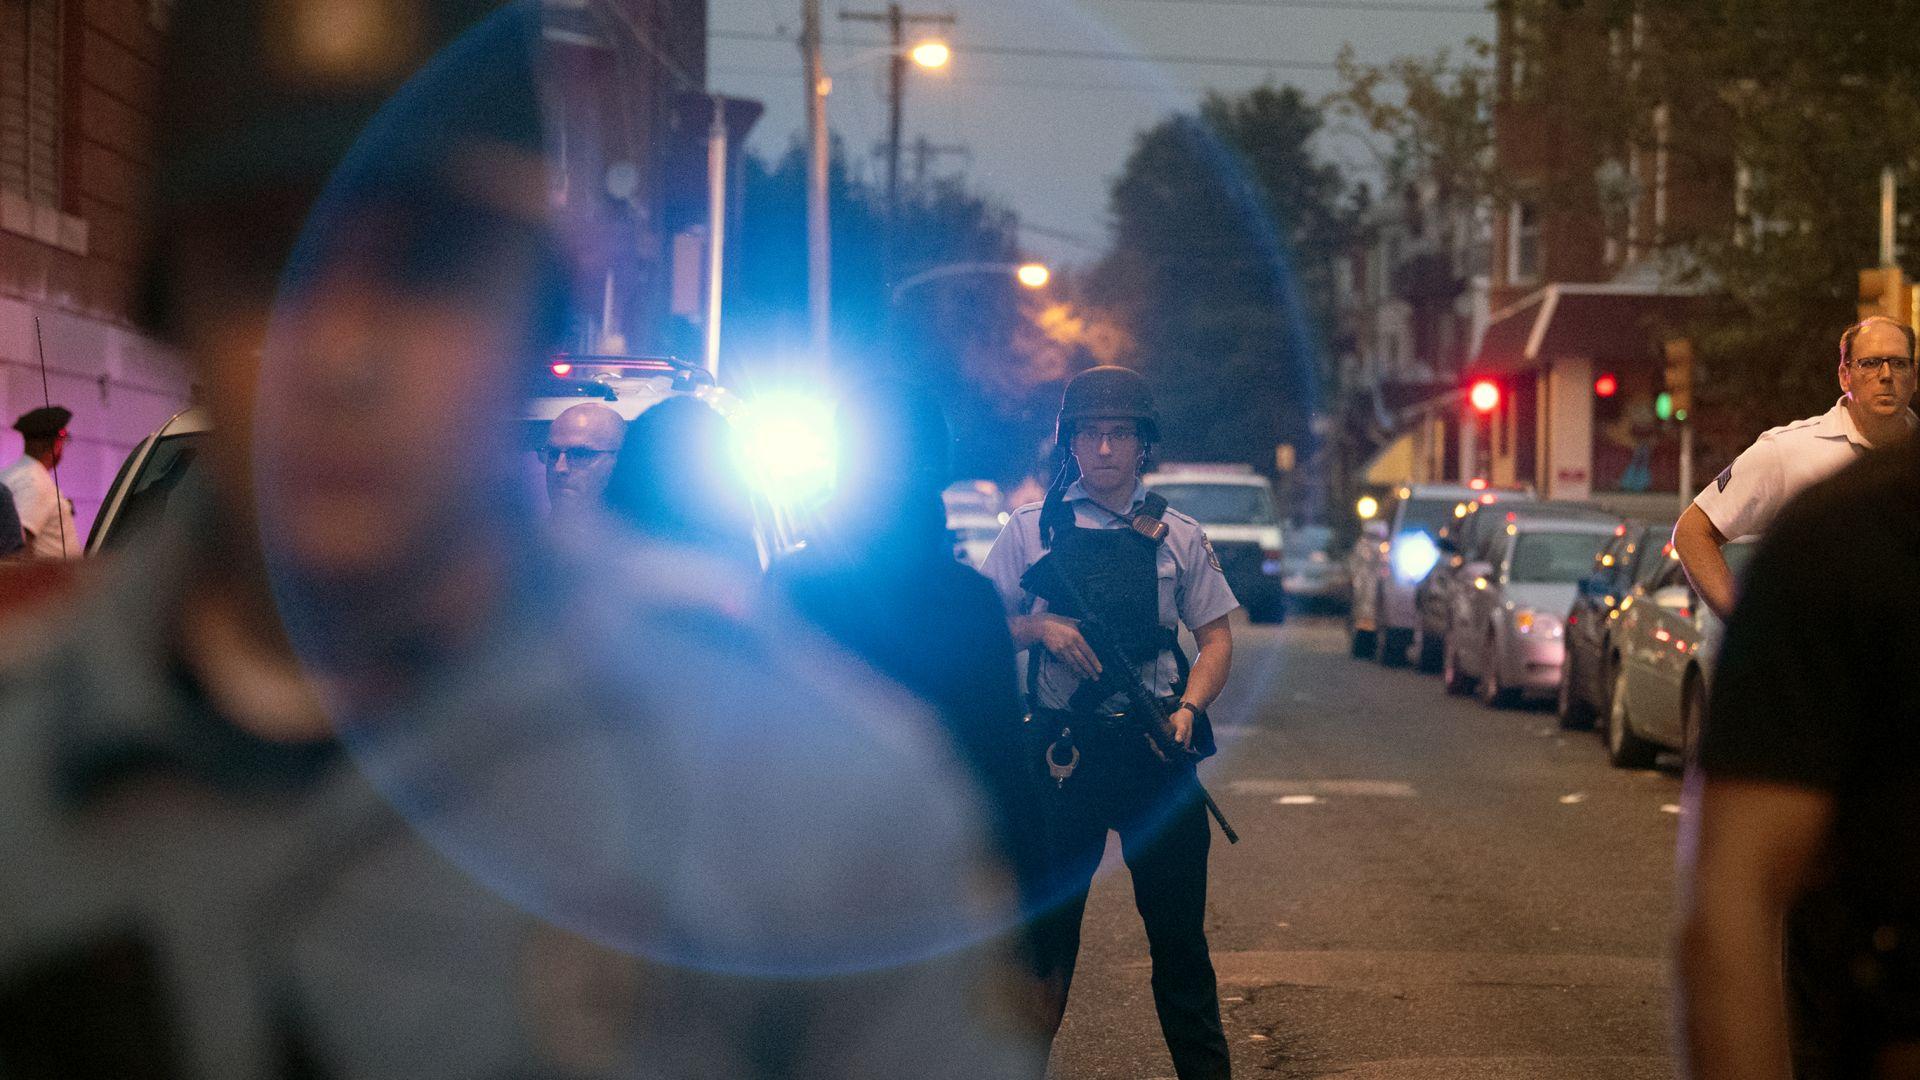 Въоръжен взе заложници във Филаделфия, рани шестима полицаи (видео)